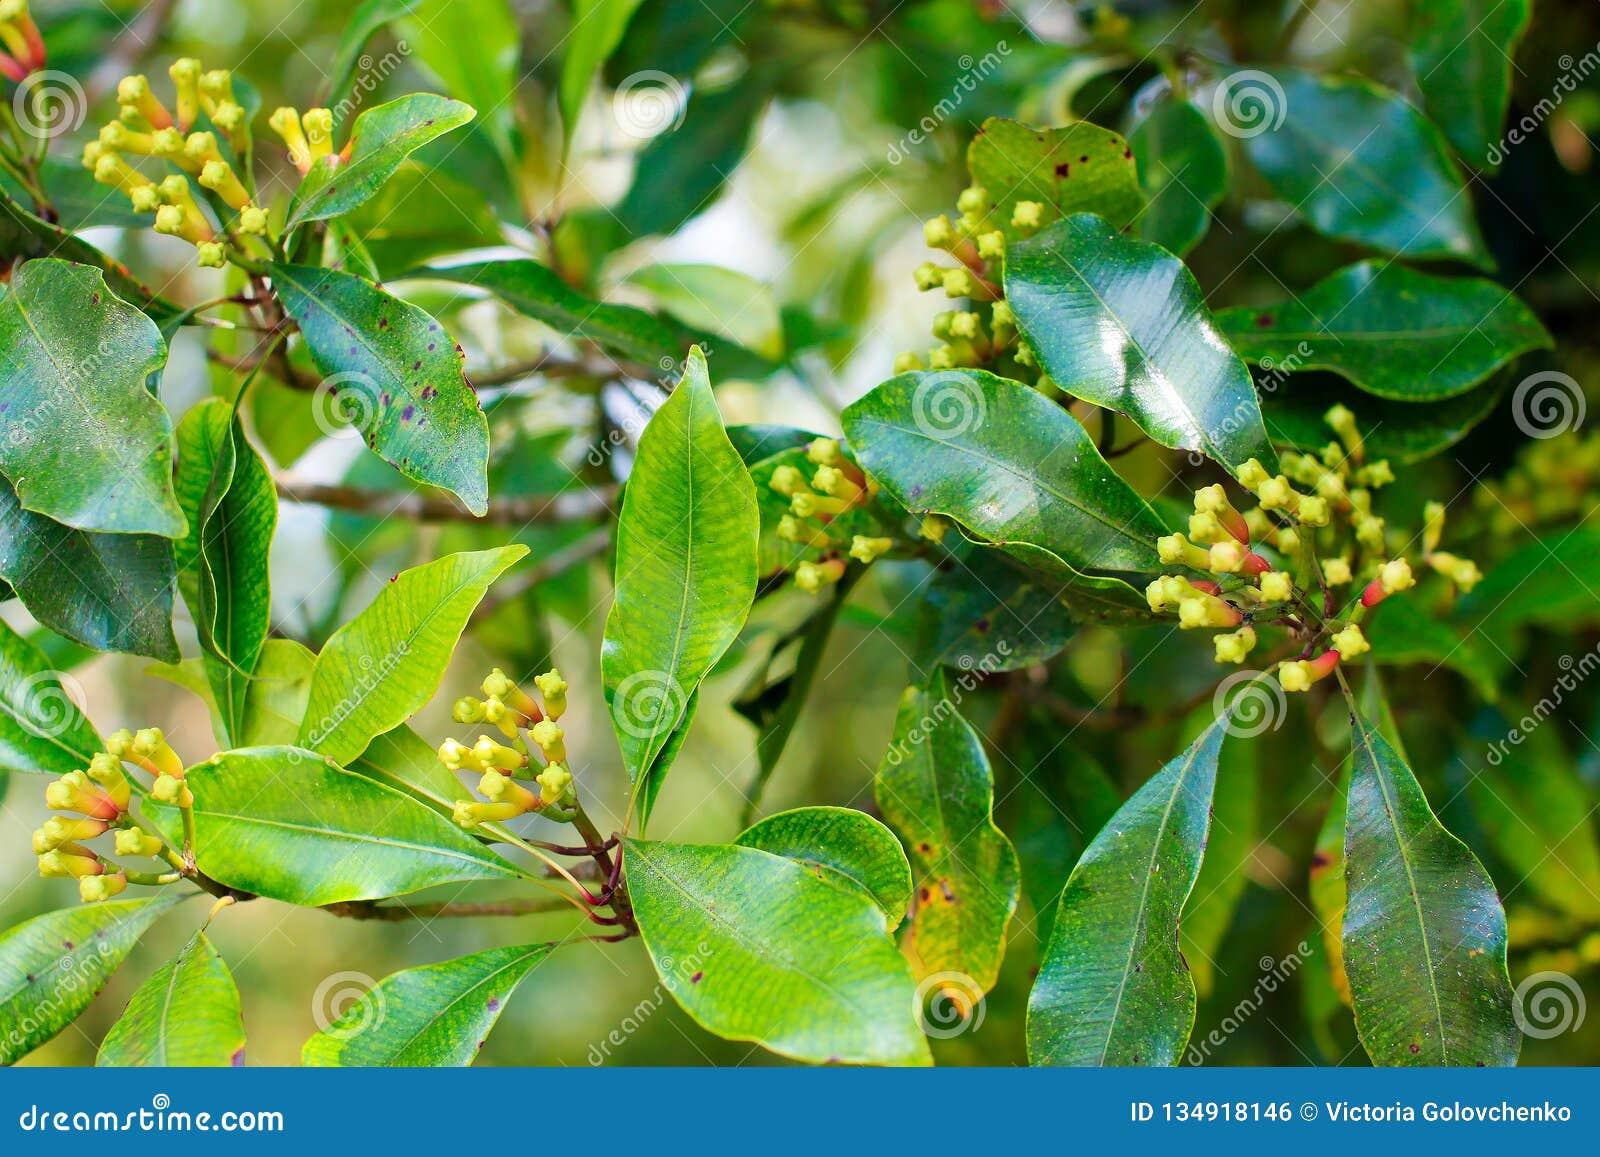 Chiodo di garofano che cresce con le foglie verdi sull albero, Bali